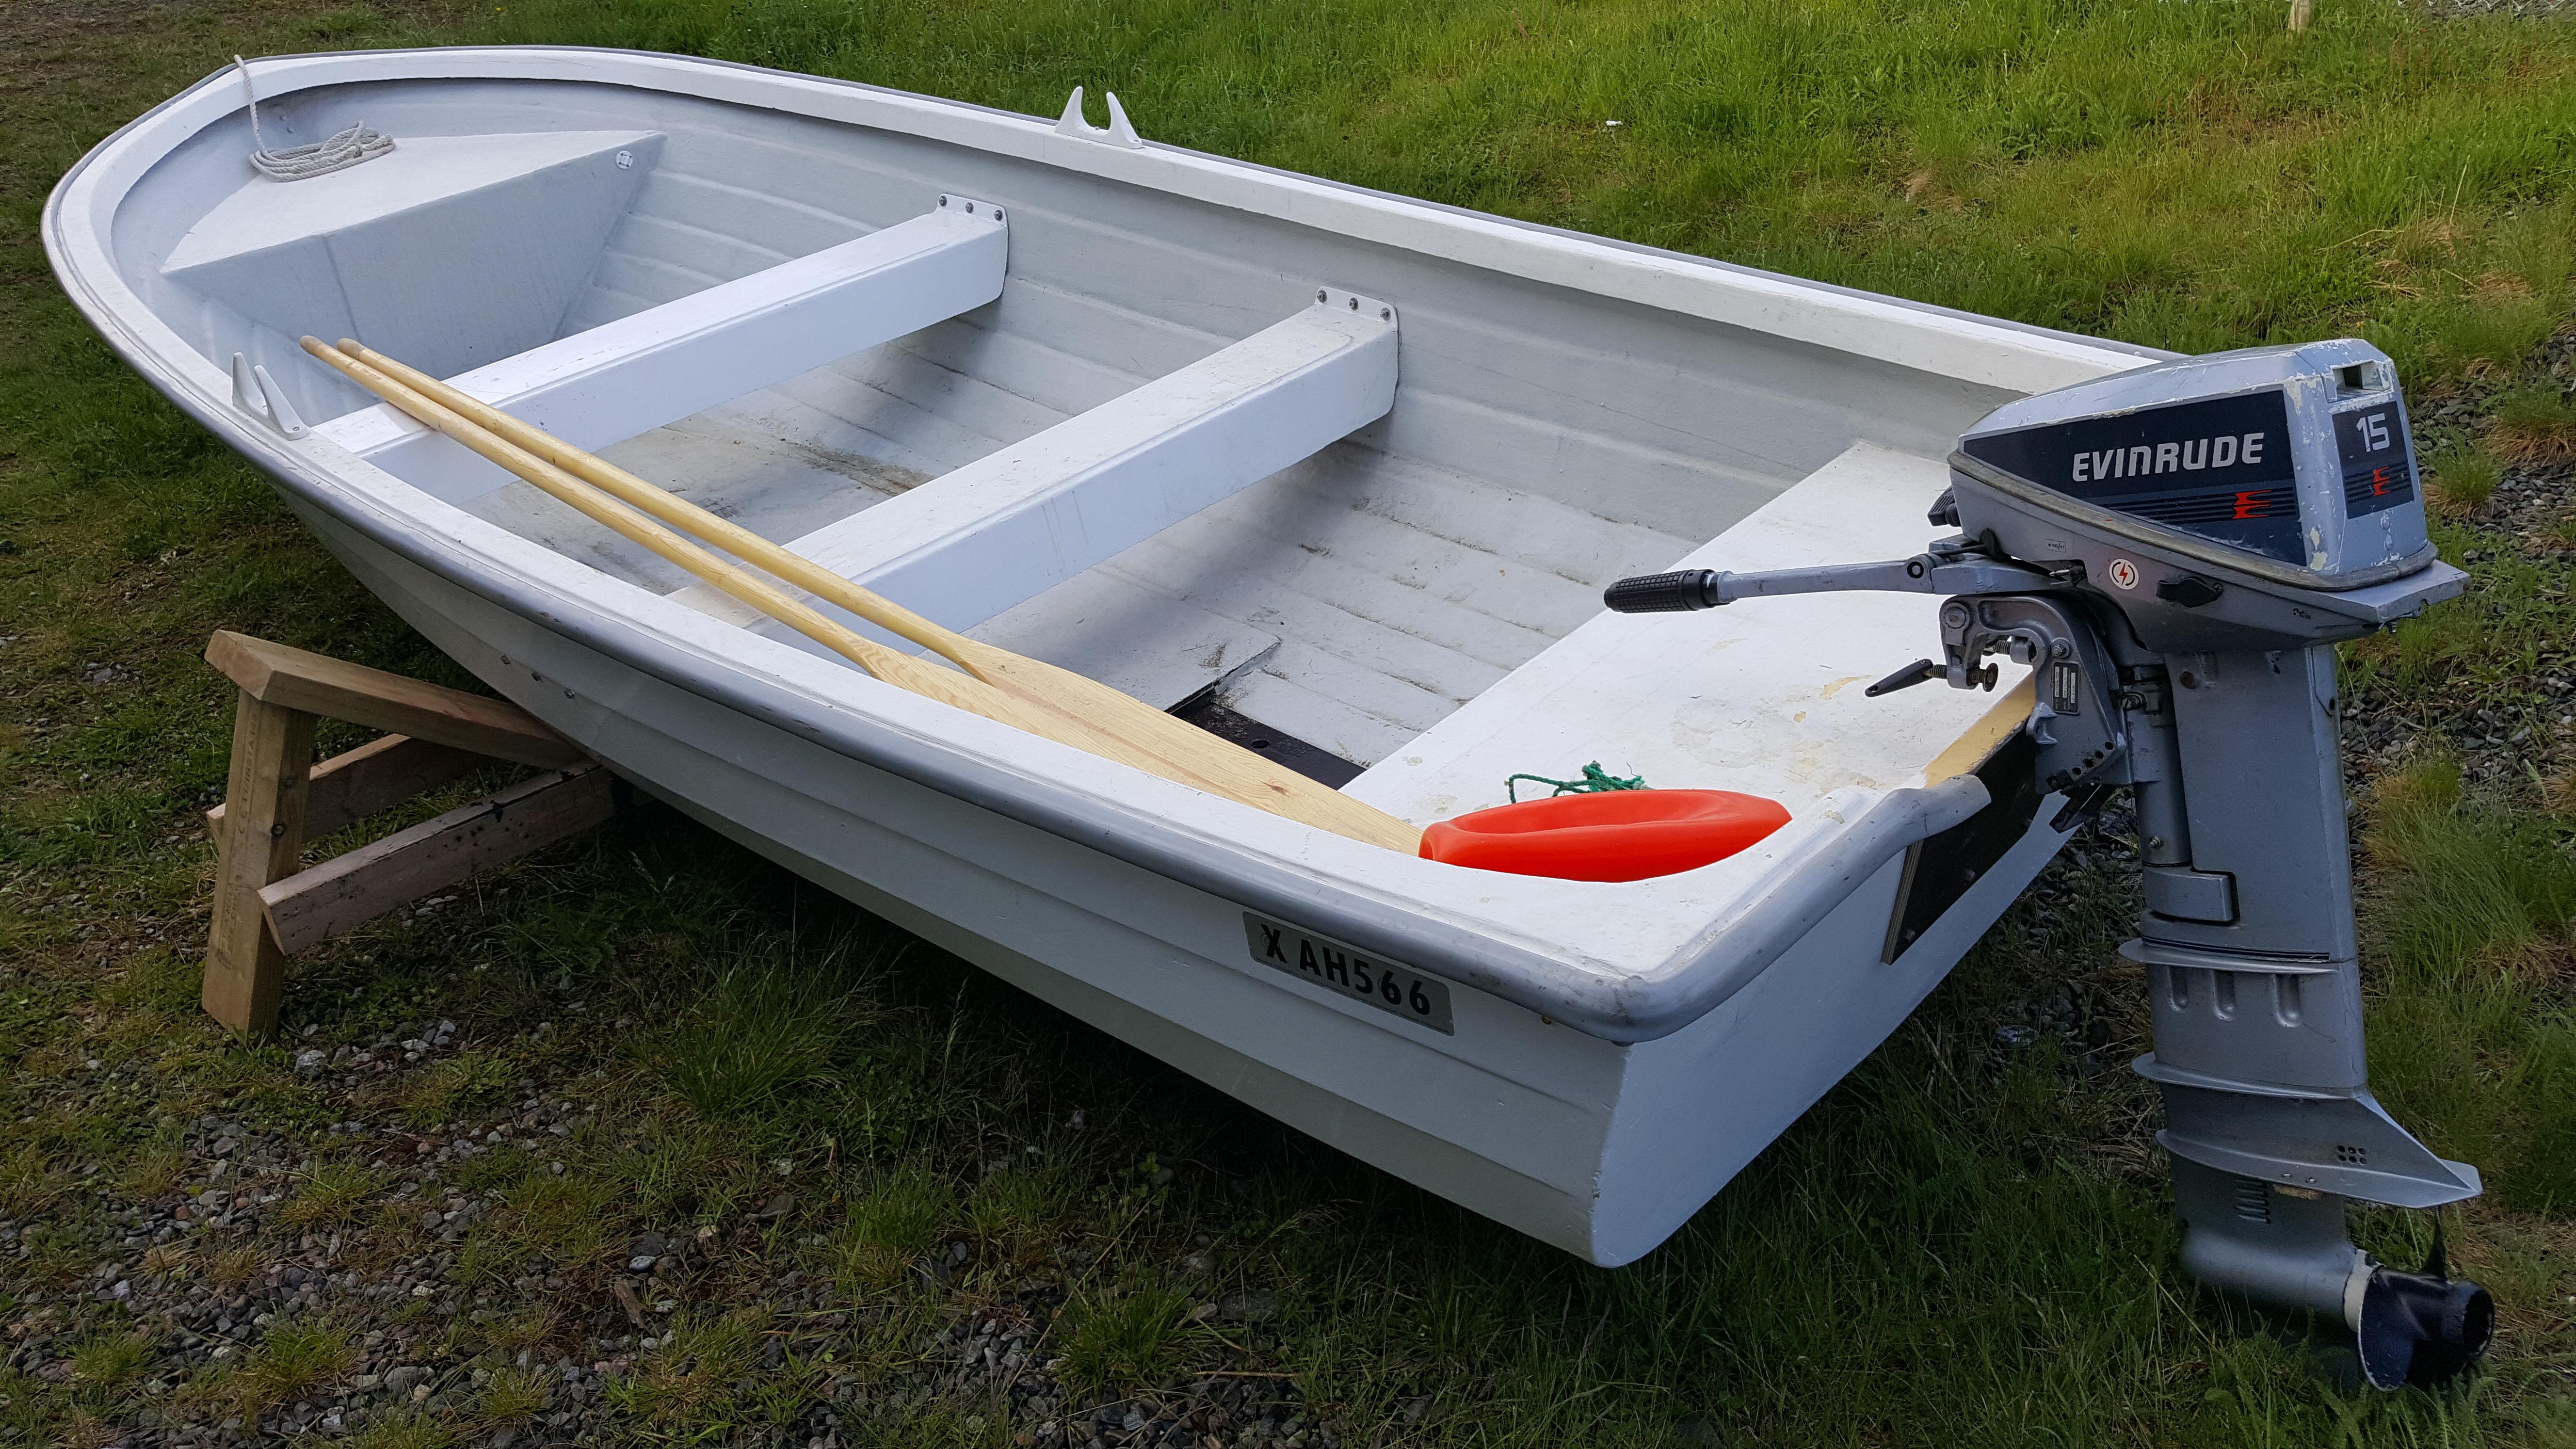 båt1.jpg